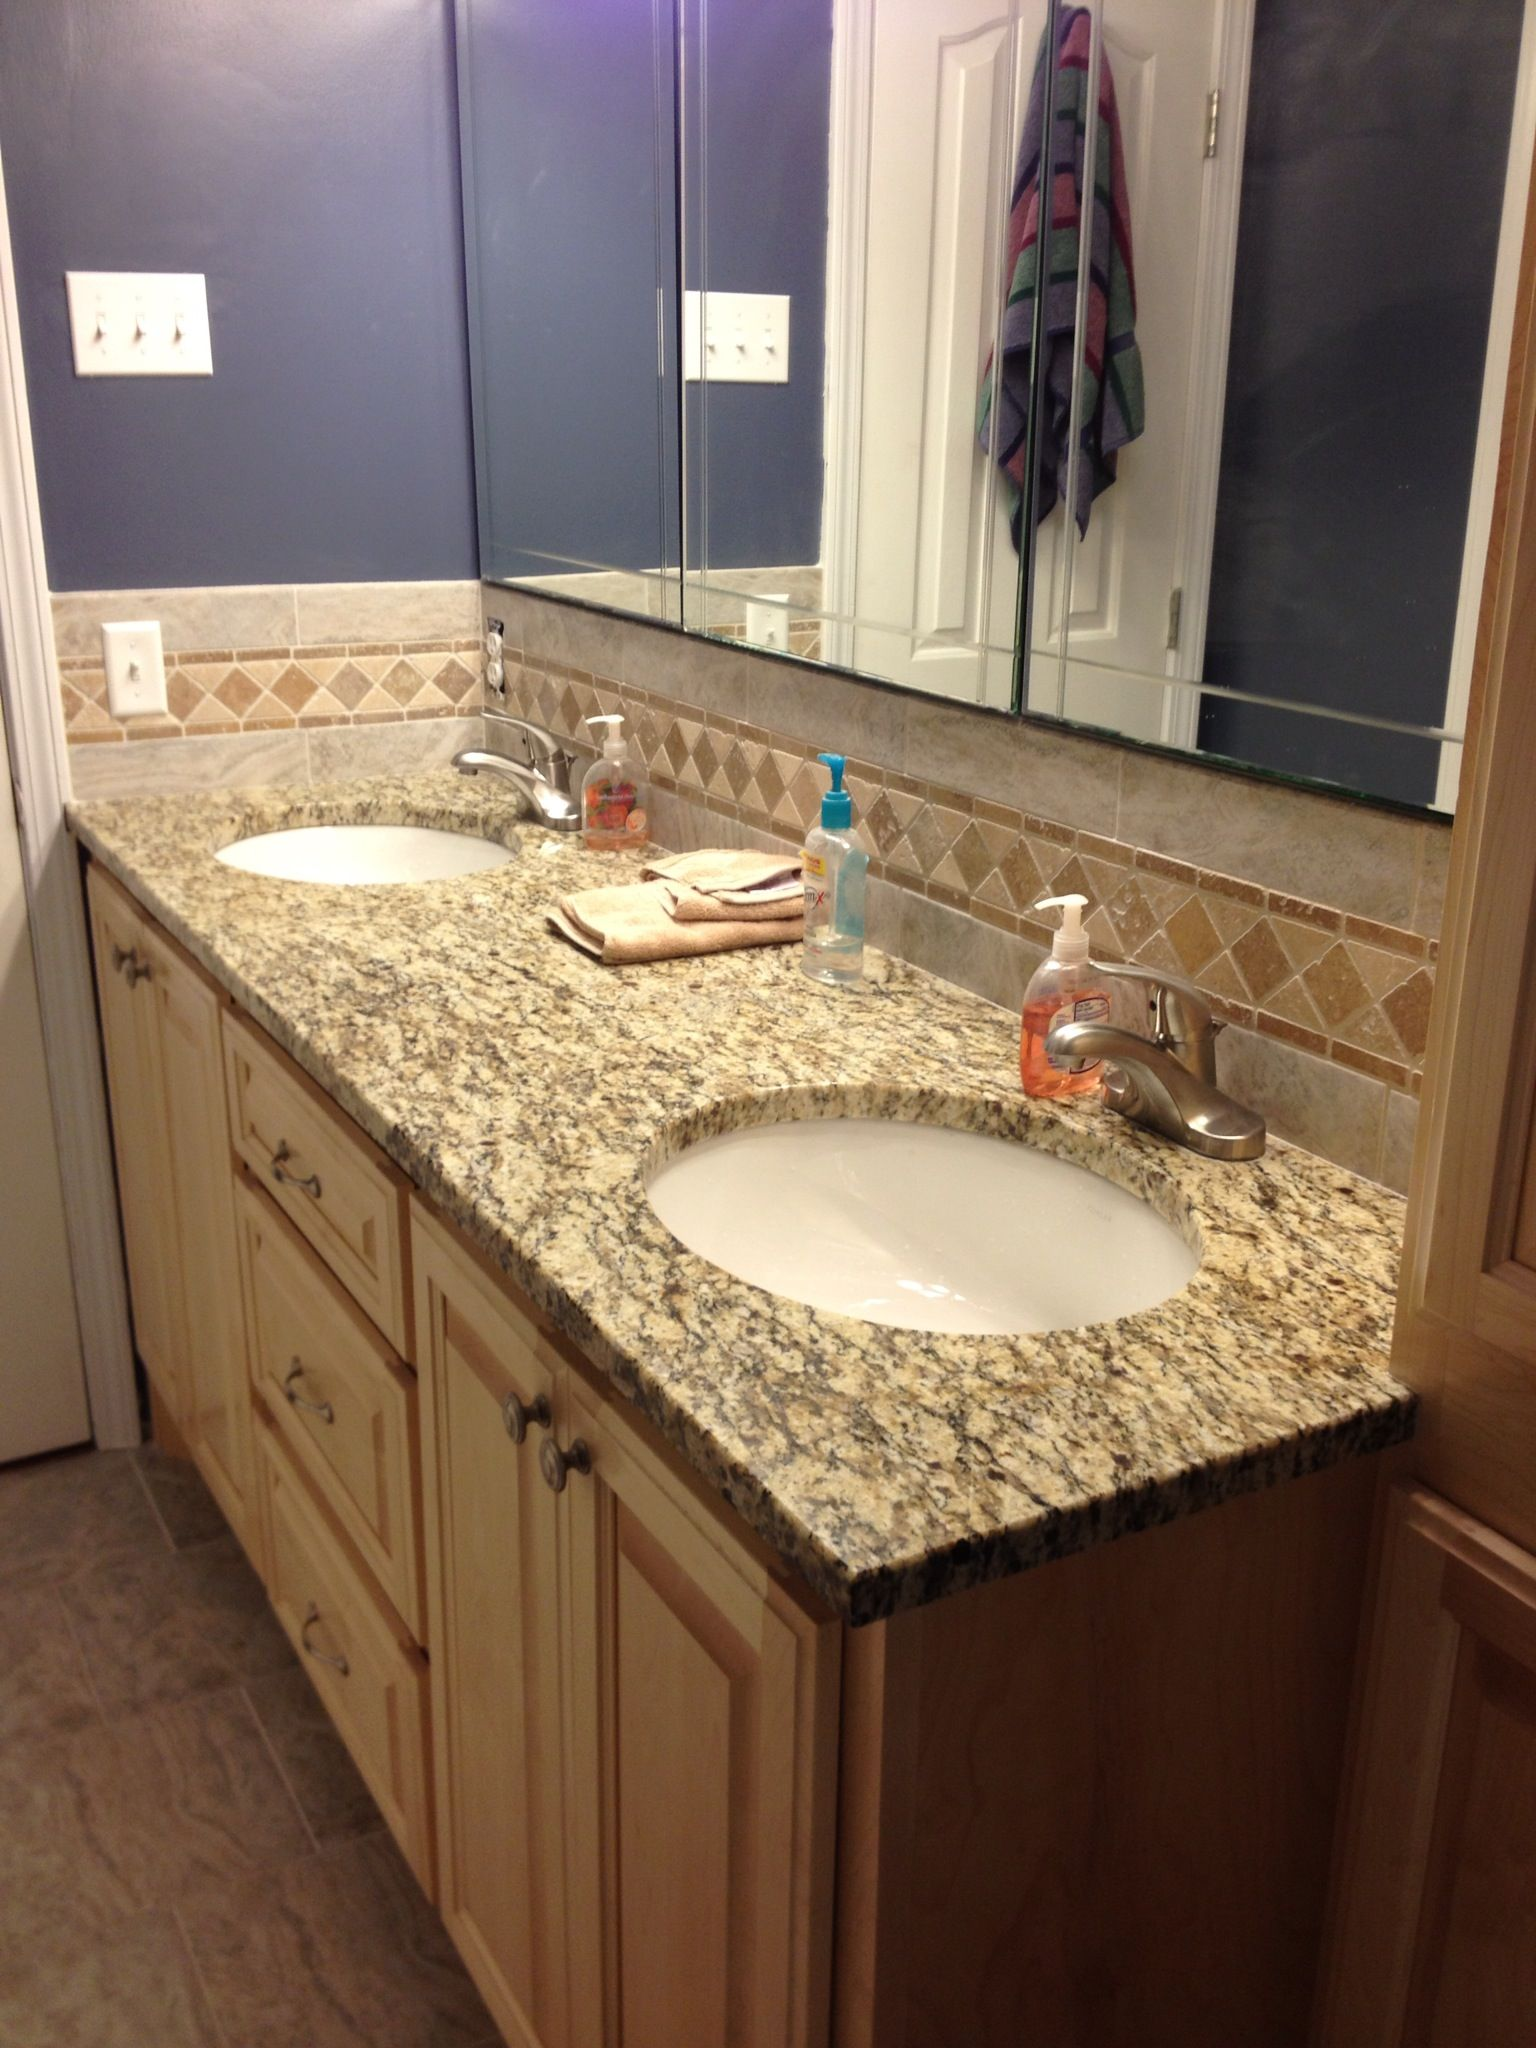 - Granite Top / Tile & Stone Backsplash Stone Backsplash, Granite